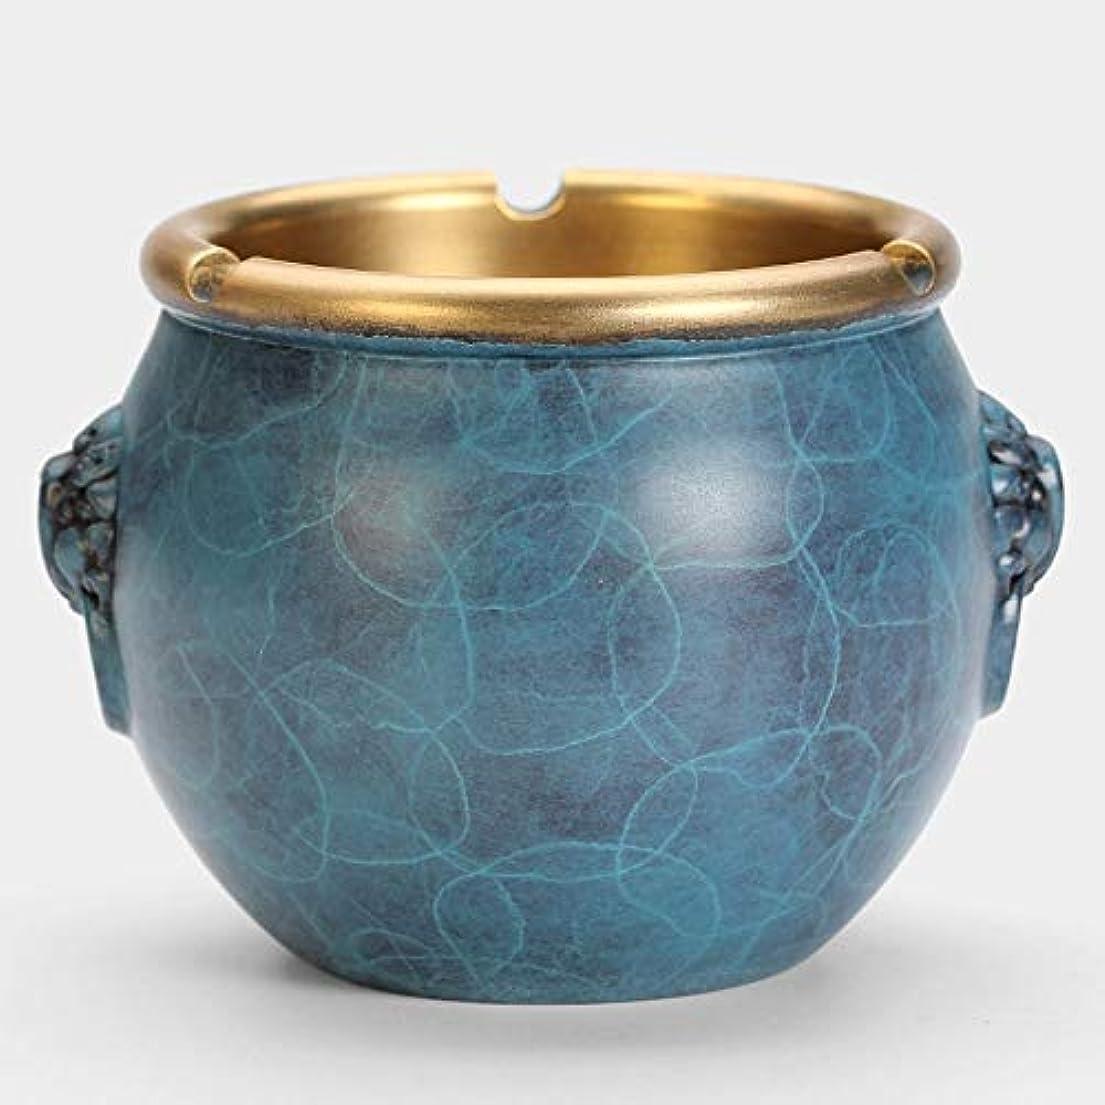 合唱団エーカーフリンジ灰皿クリエイティブ純銅灰皿 (色 : 青)